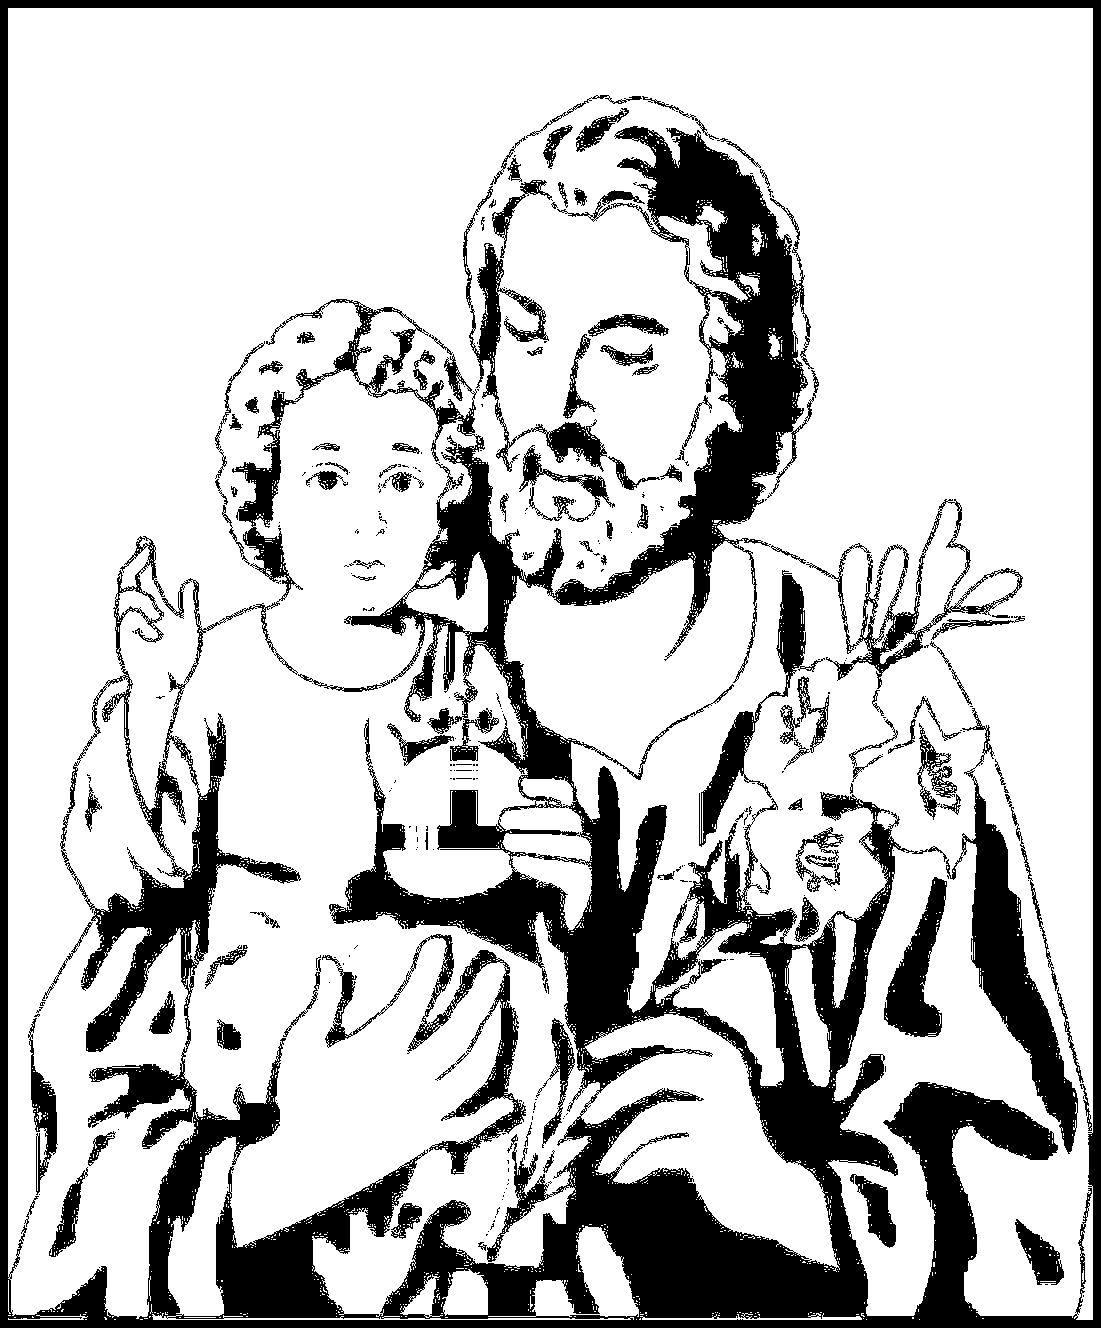 santos populares - Pesquisa Google